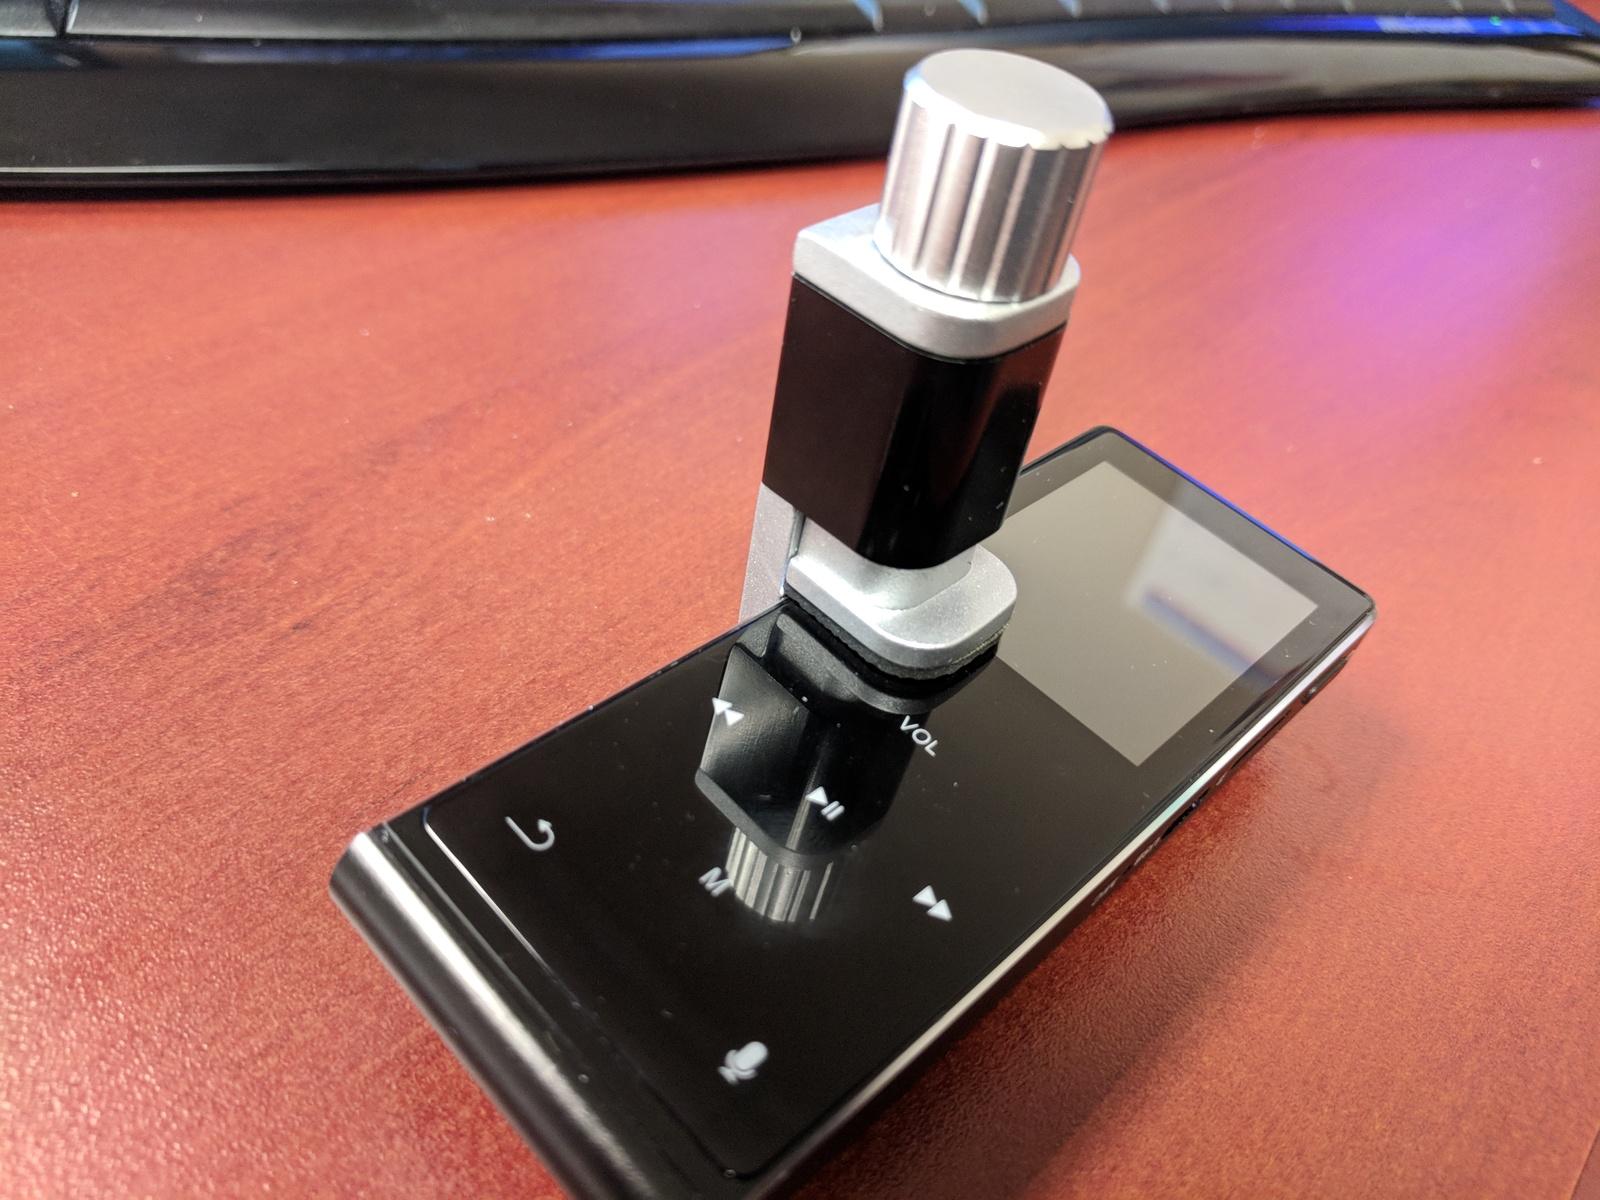 More uses than just screen repair...